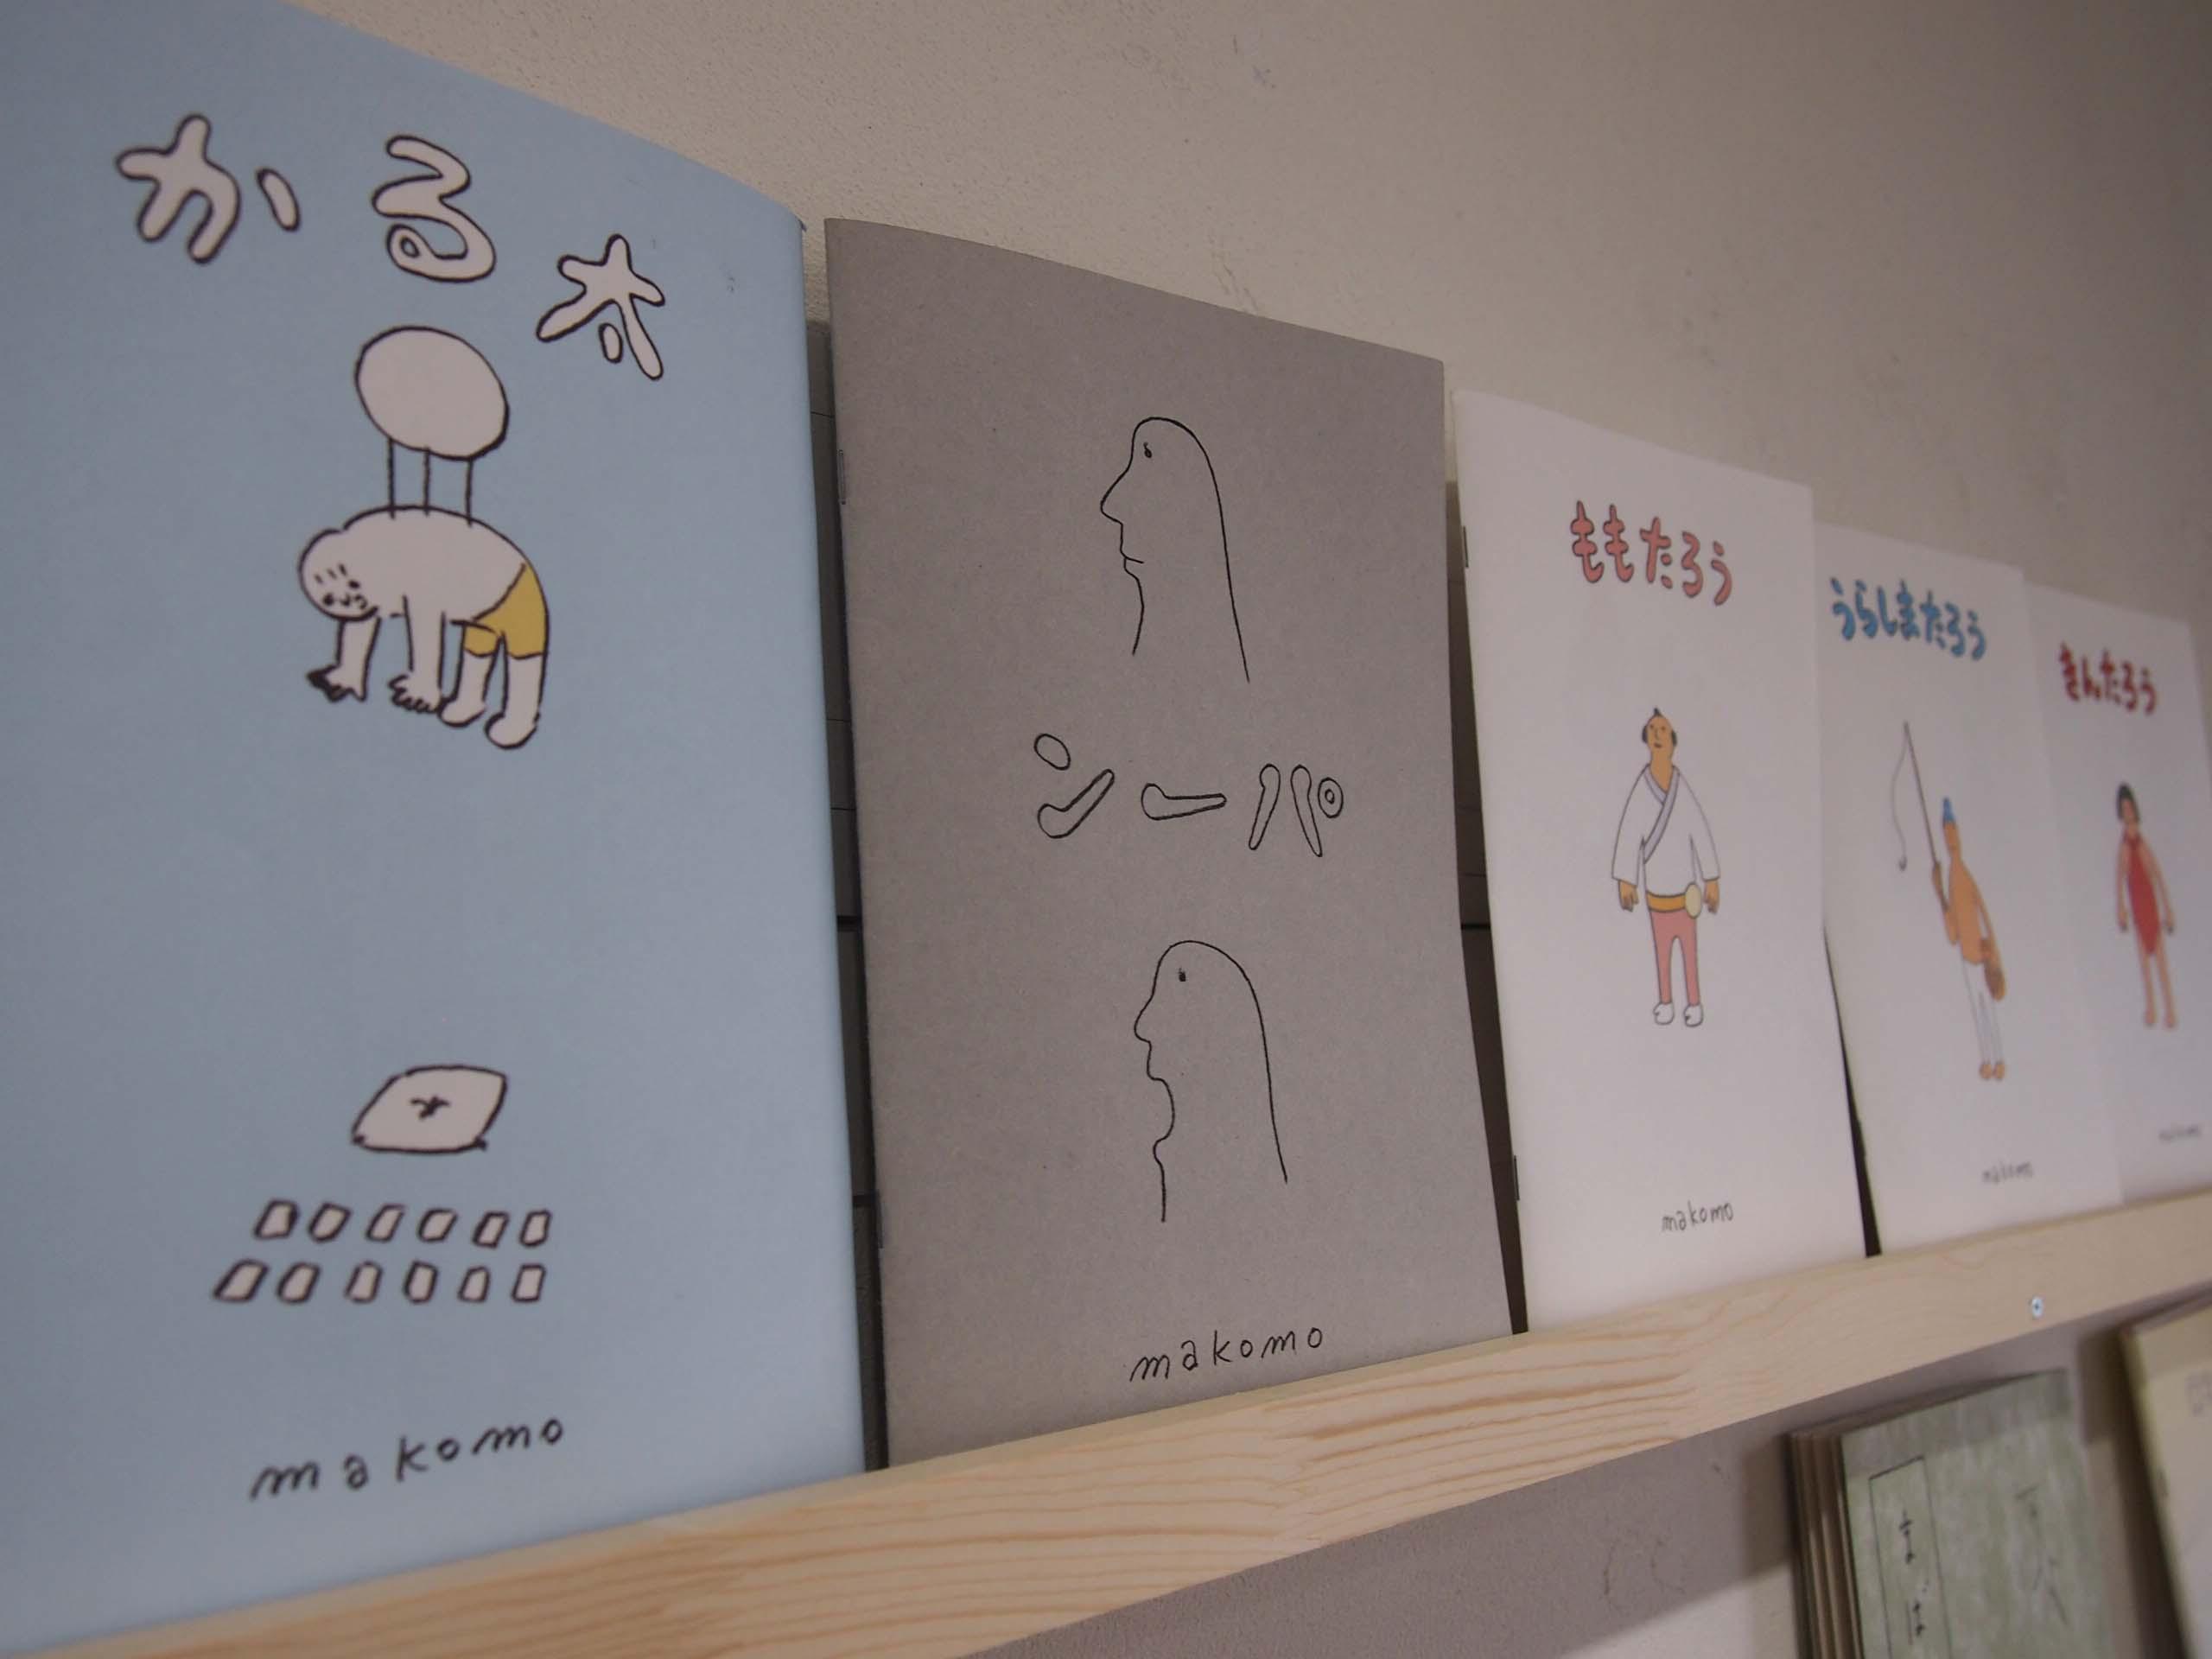 冊子紹介@イラストレーター、アーティスト、絵本つくり・makomo_e0272050_173333.jpg